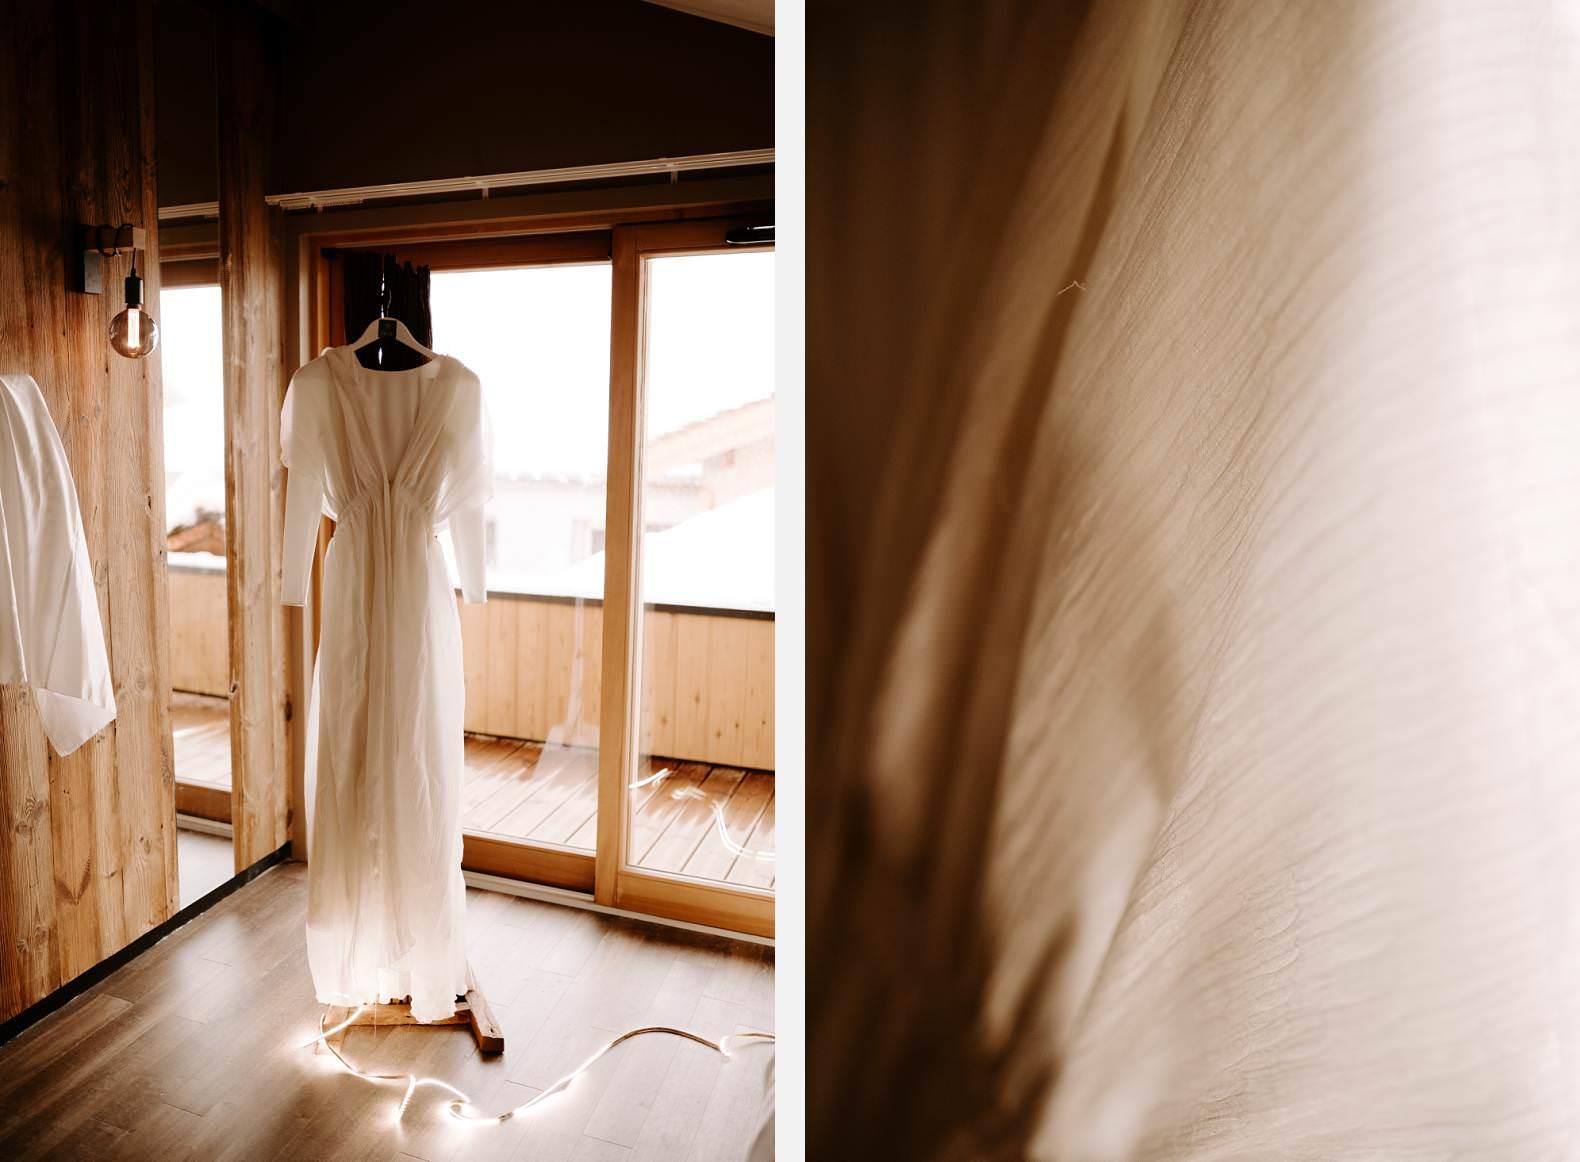 mariage hiver alpes huez isere hotel grandes rousses photographe bel esprit 0012